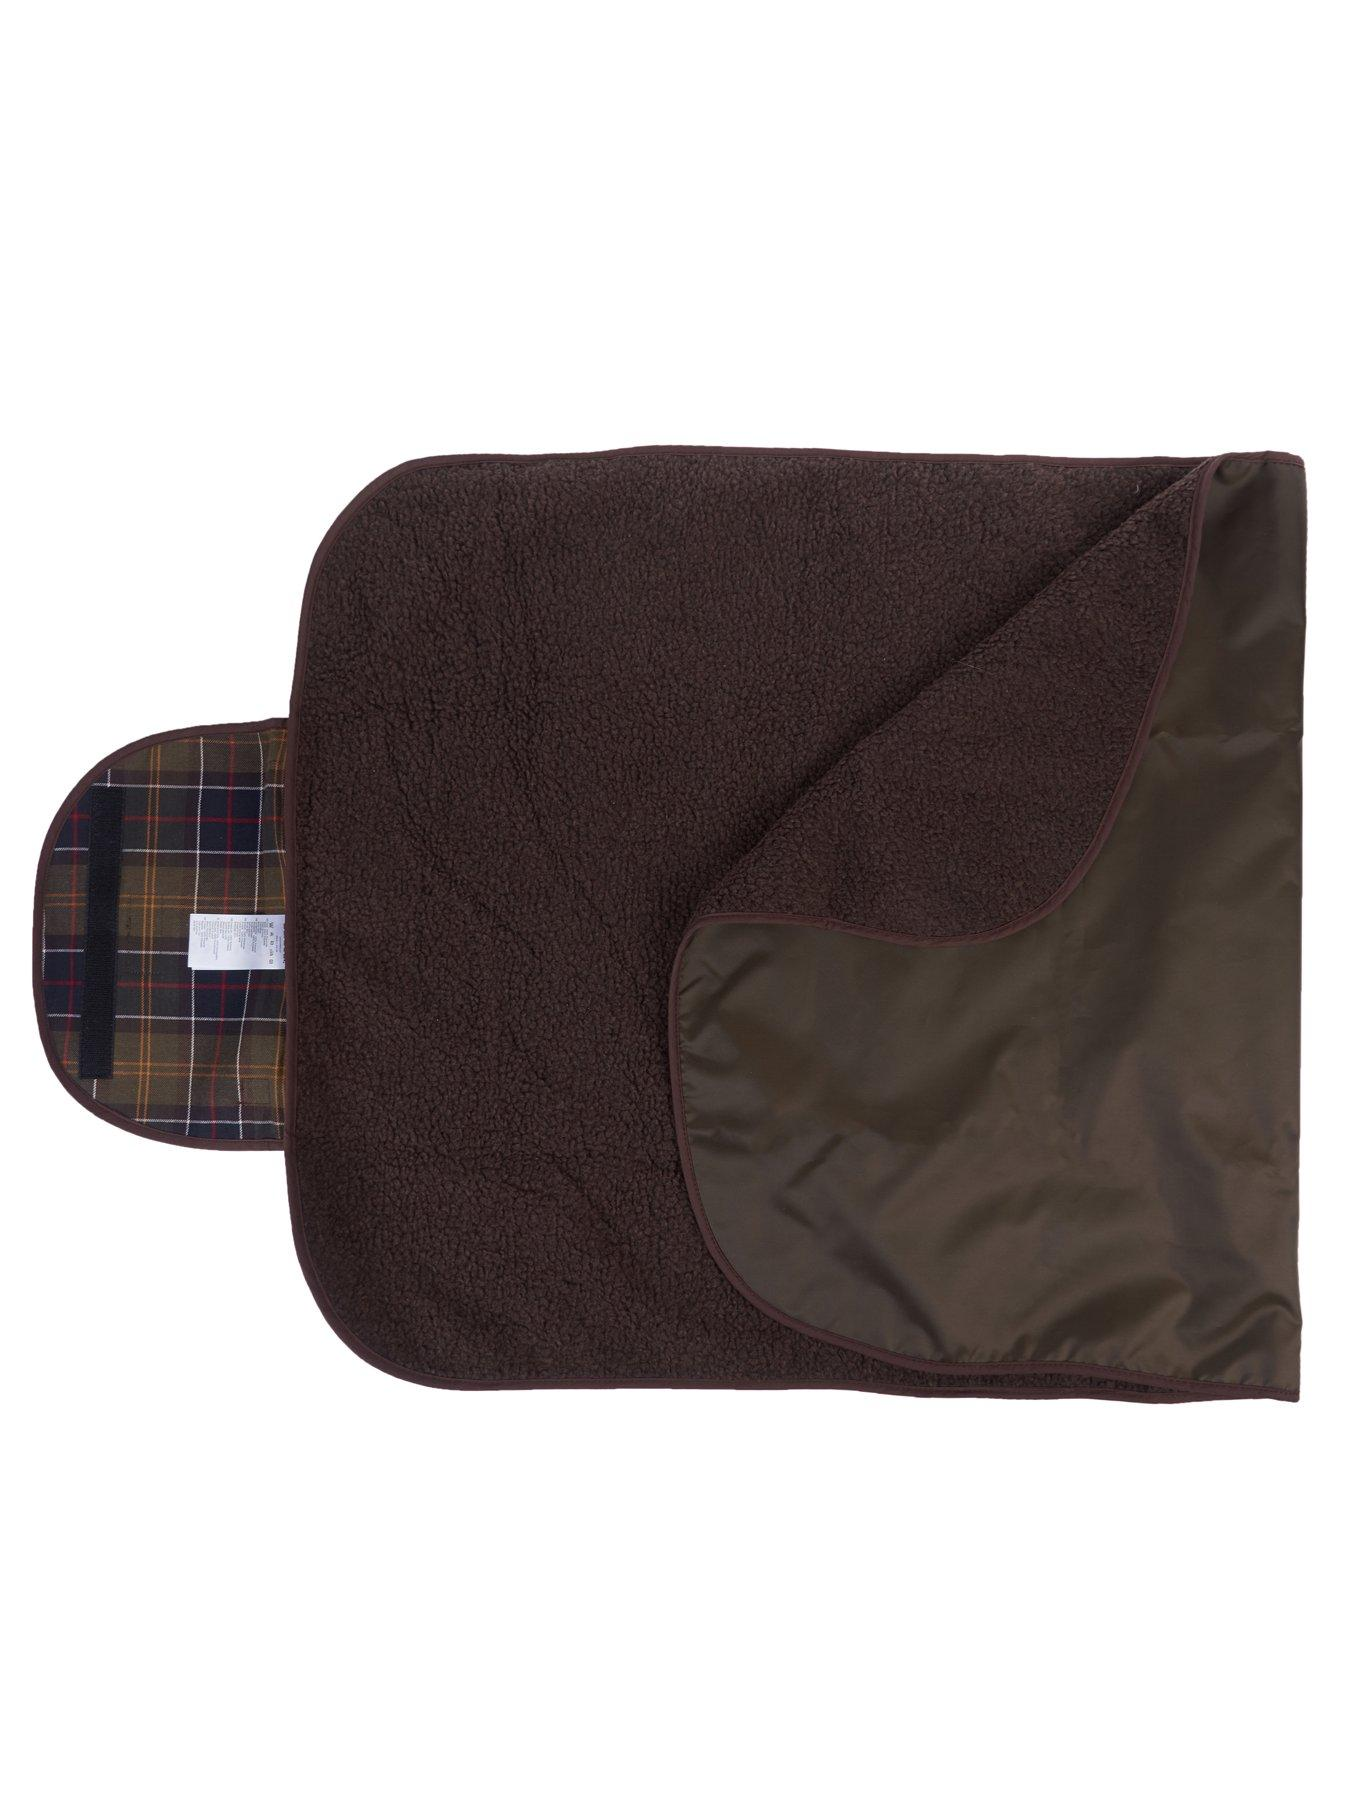 barbour dog blanket large